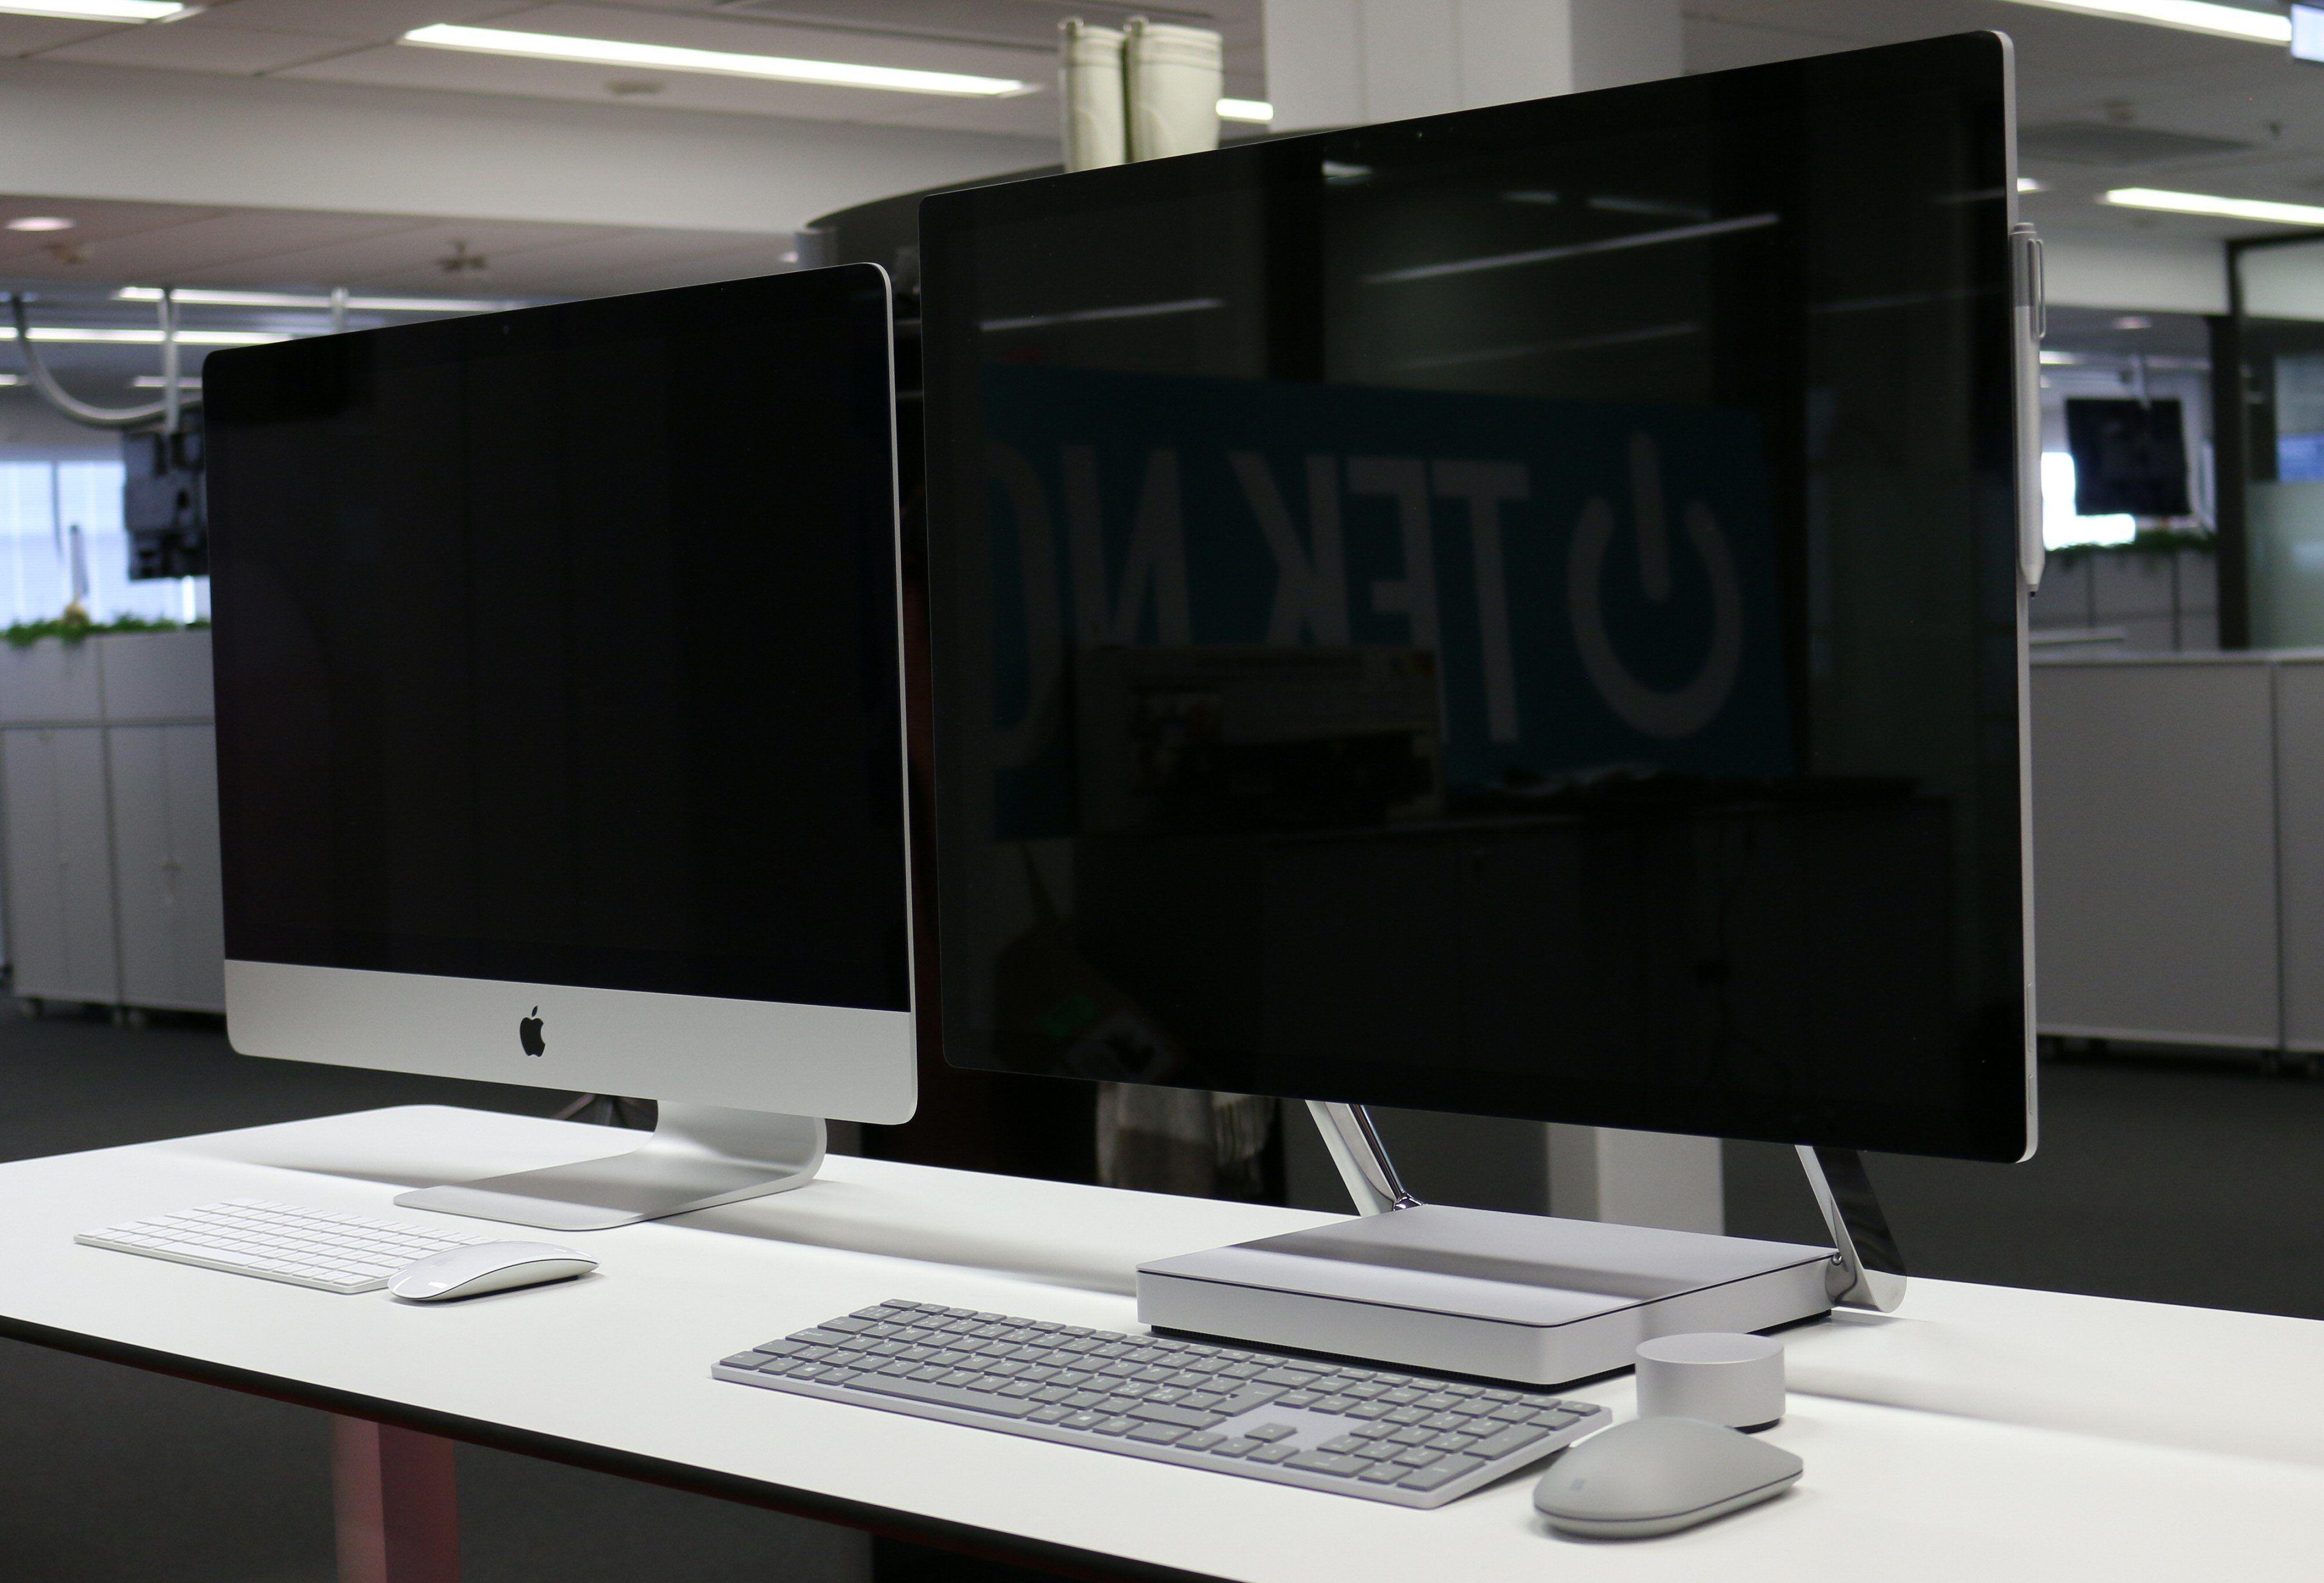 27-tommers Apple iMac til venstre, Surface Studio til høyre. Sistnevnte har en mer reflektiv skjerm.